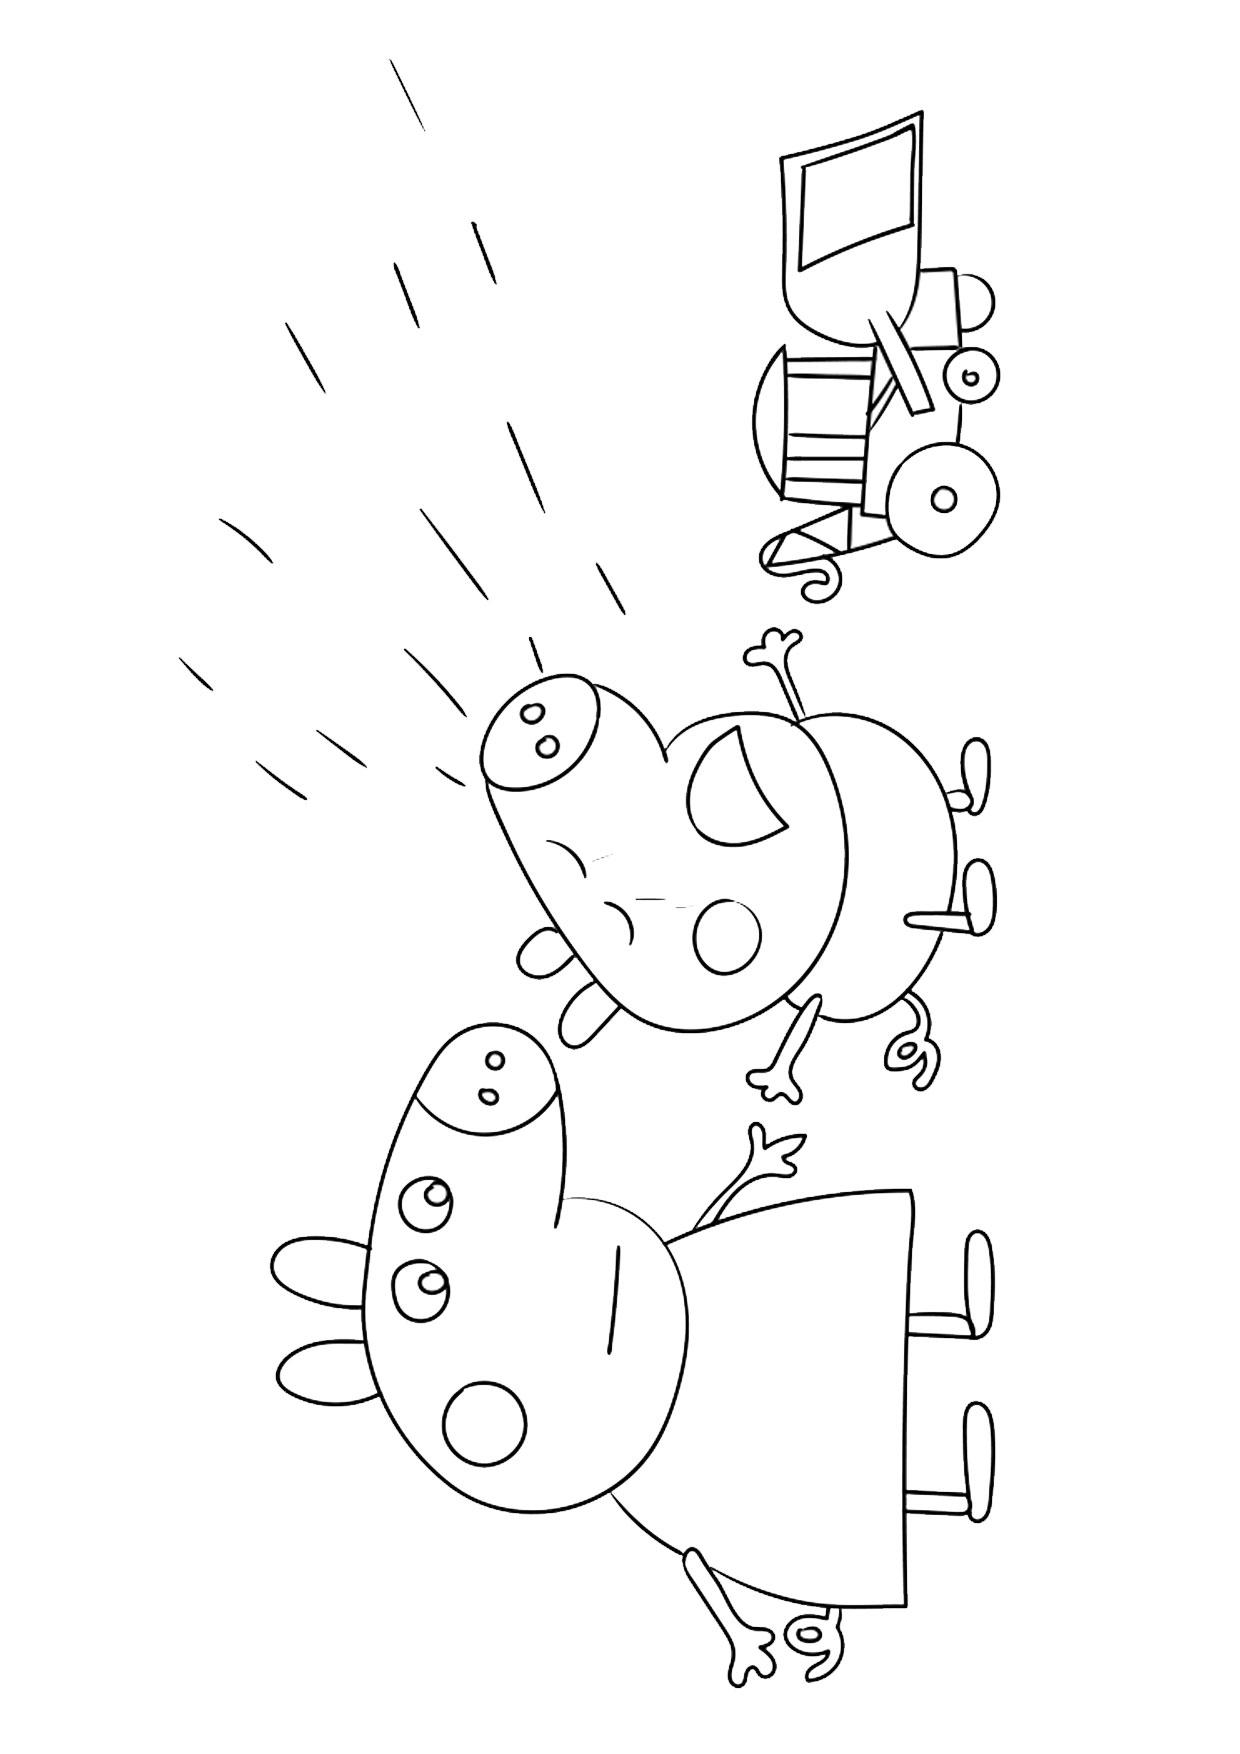 Disegno Peppa Pig da colorare 22